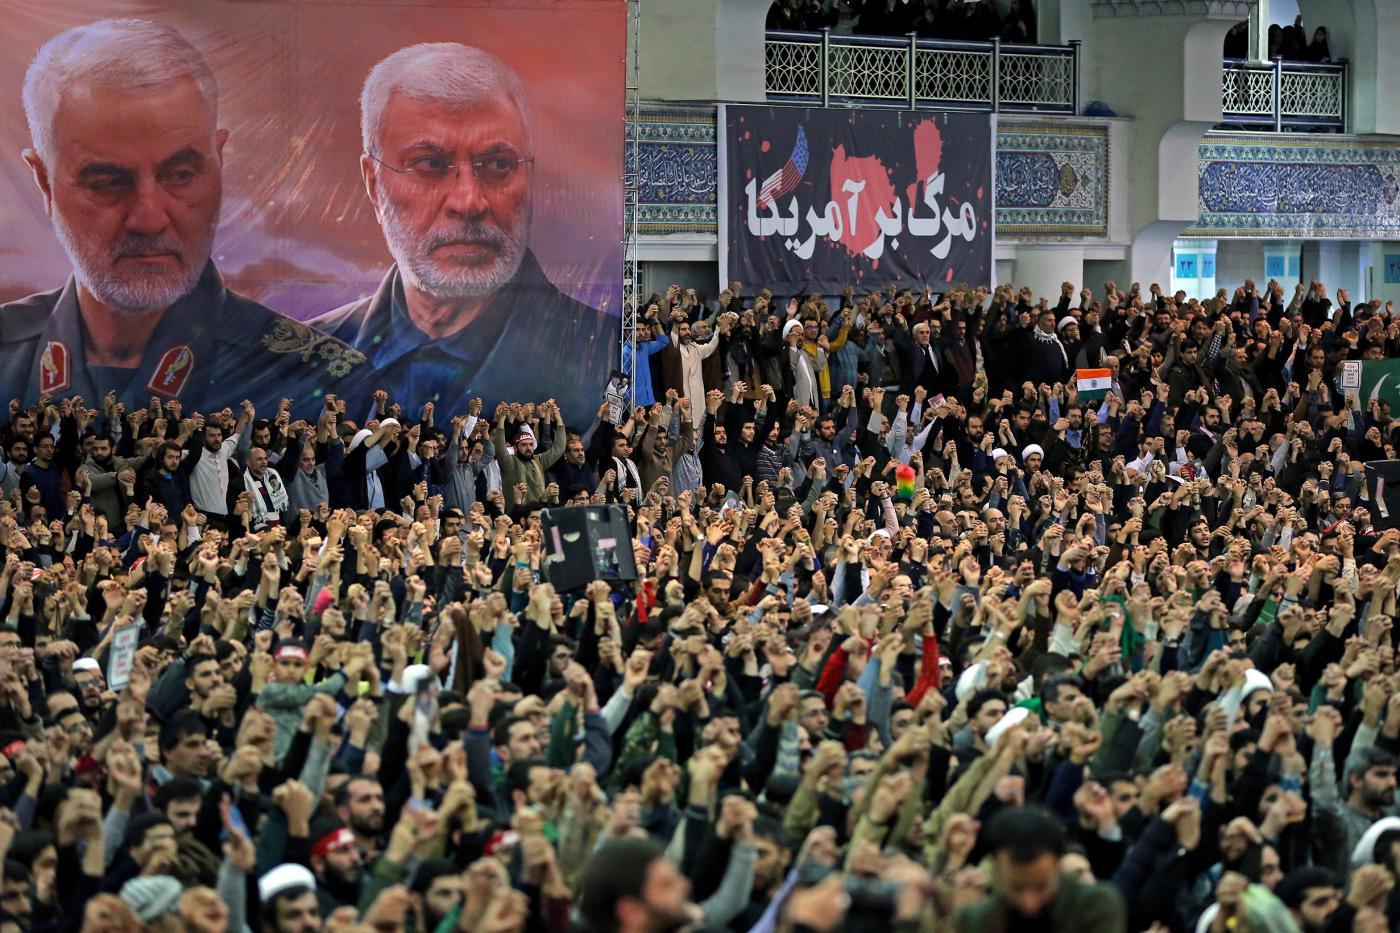 L'Iran è la nuova base di Al Qaeda?